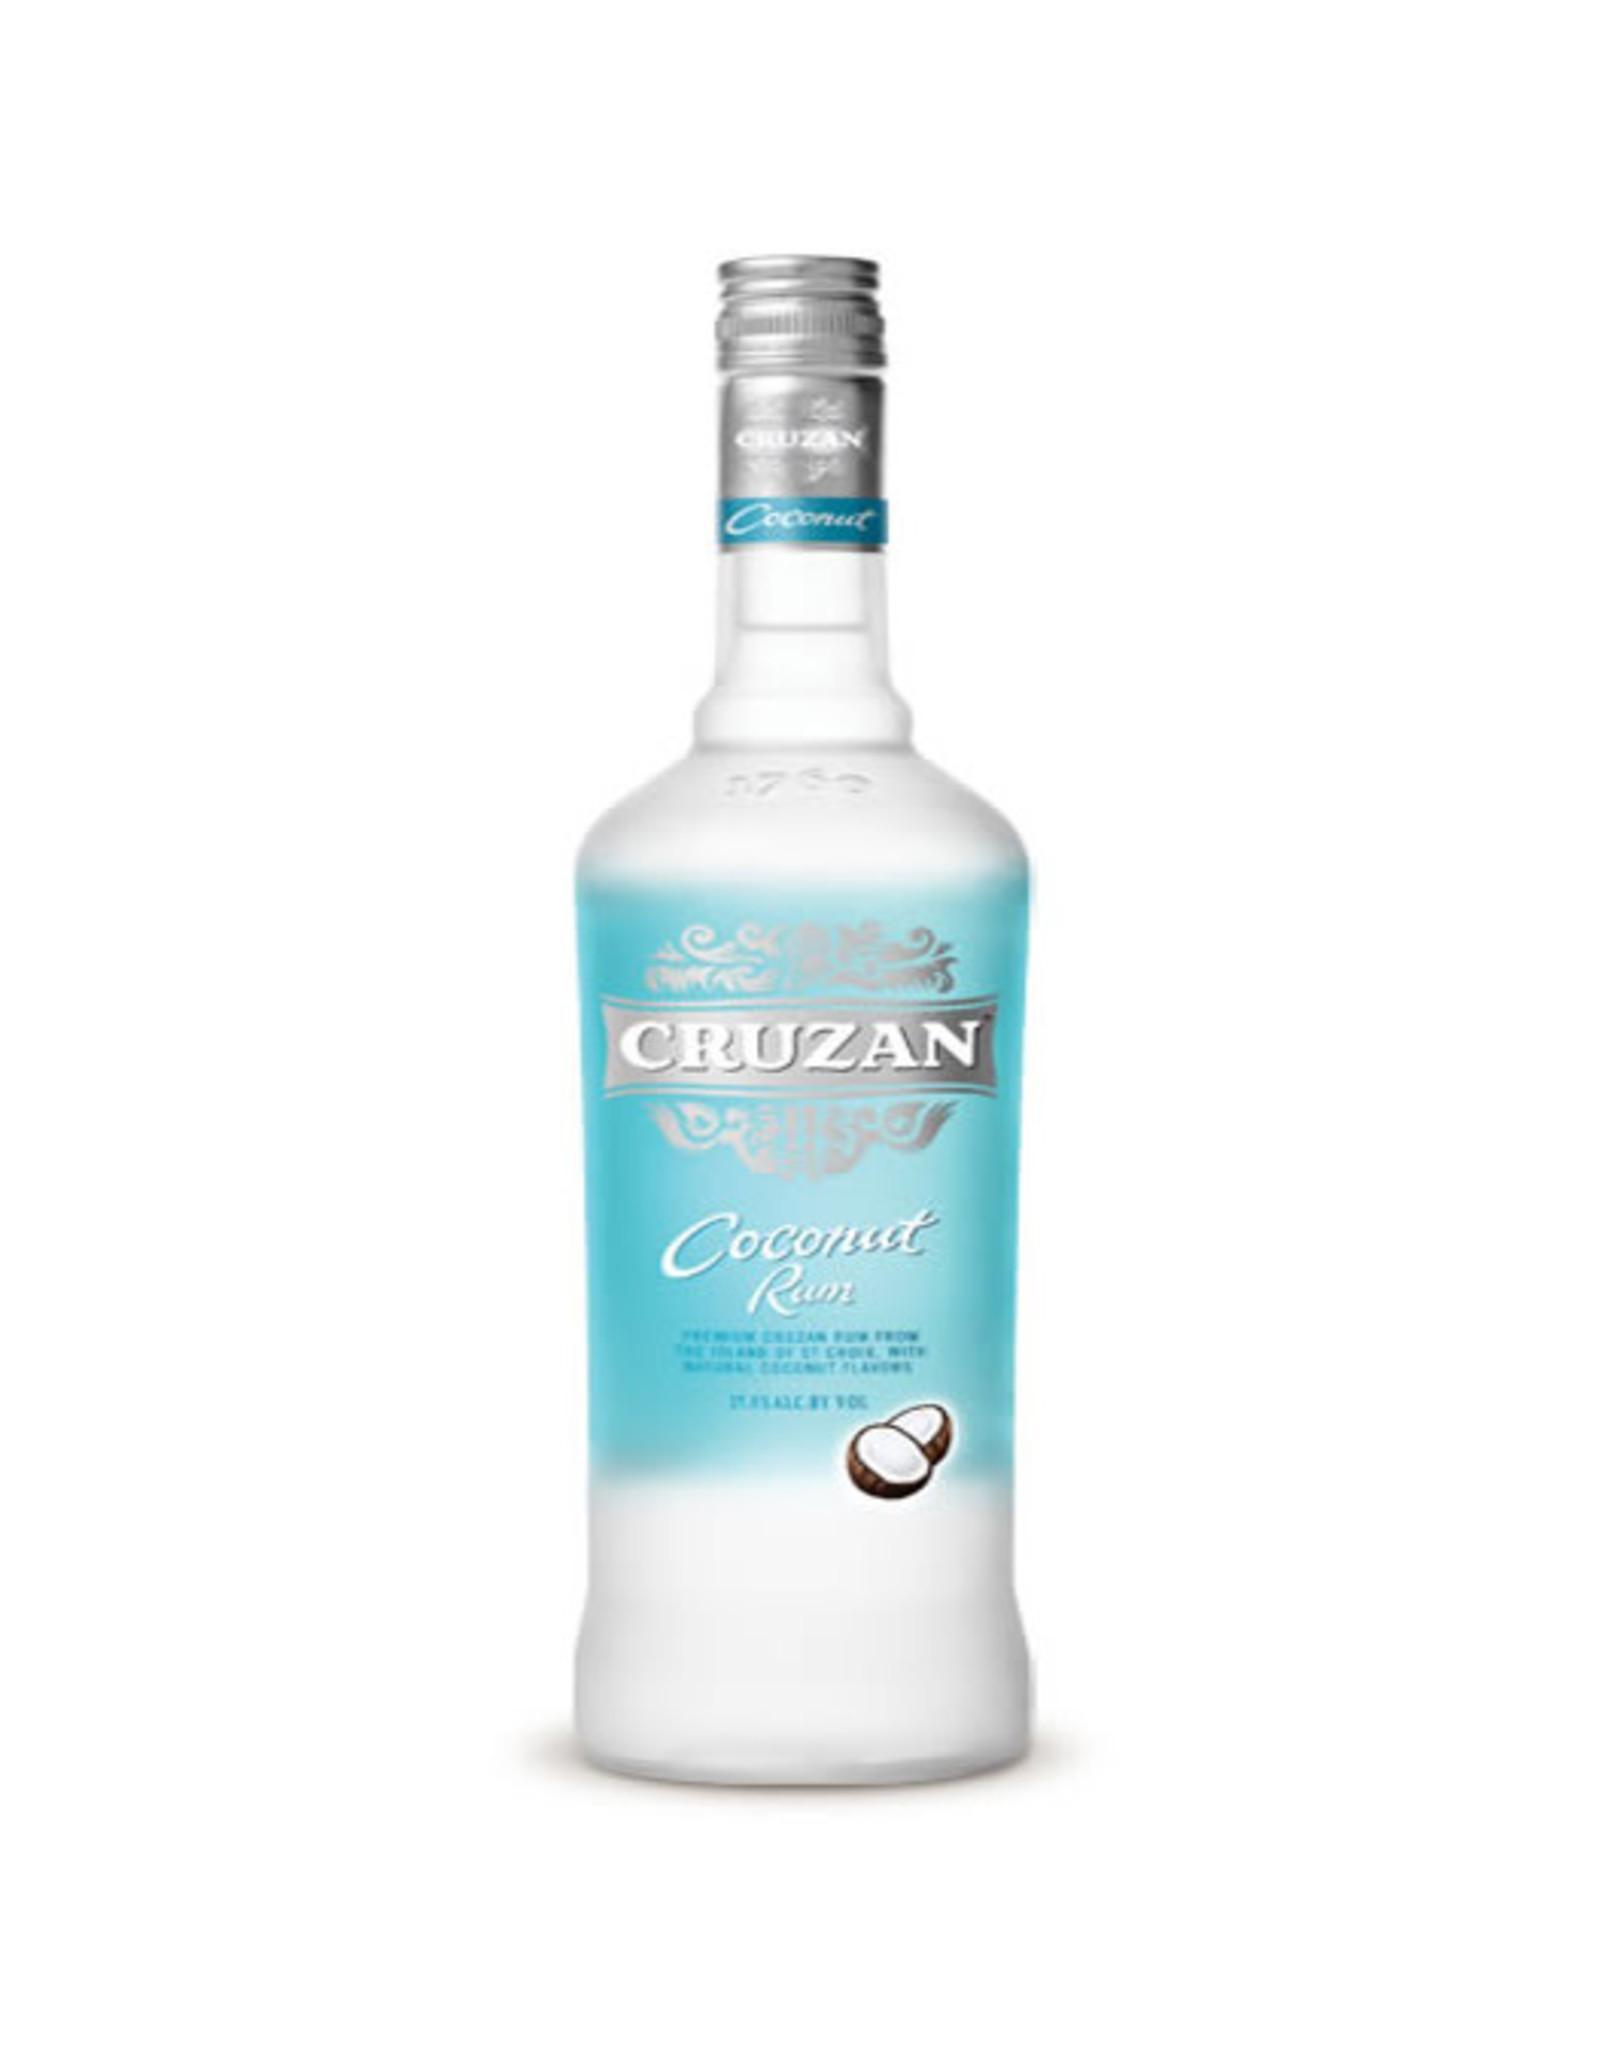 CRUZAN COCONUT RUM 1.75L